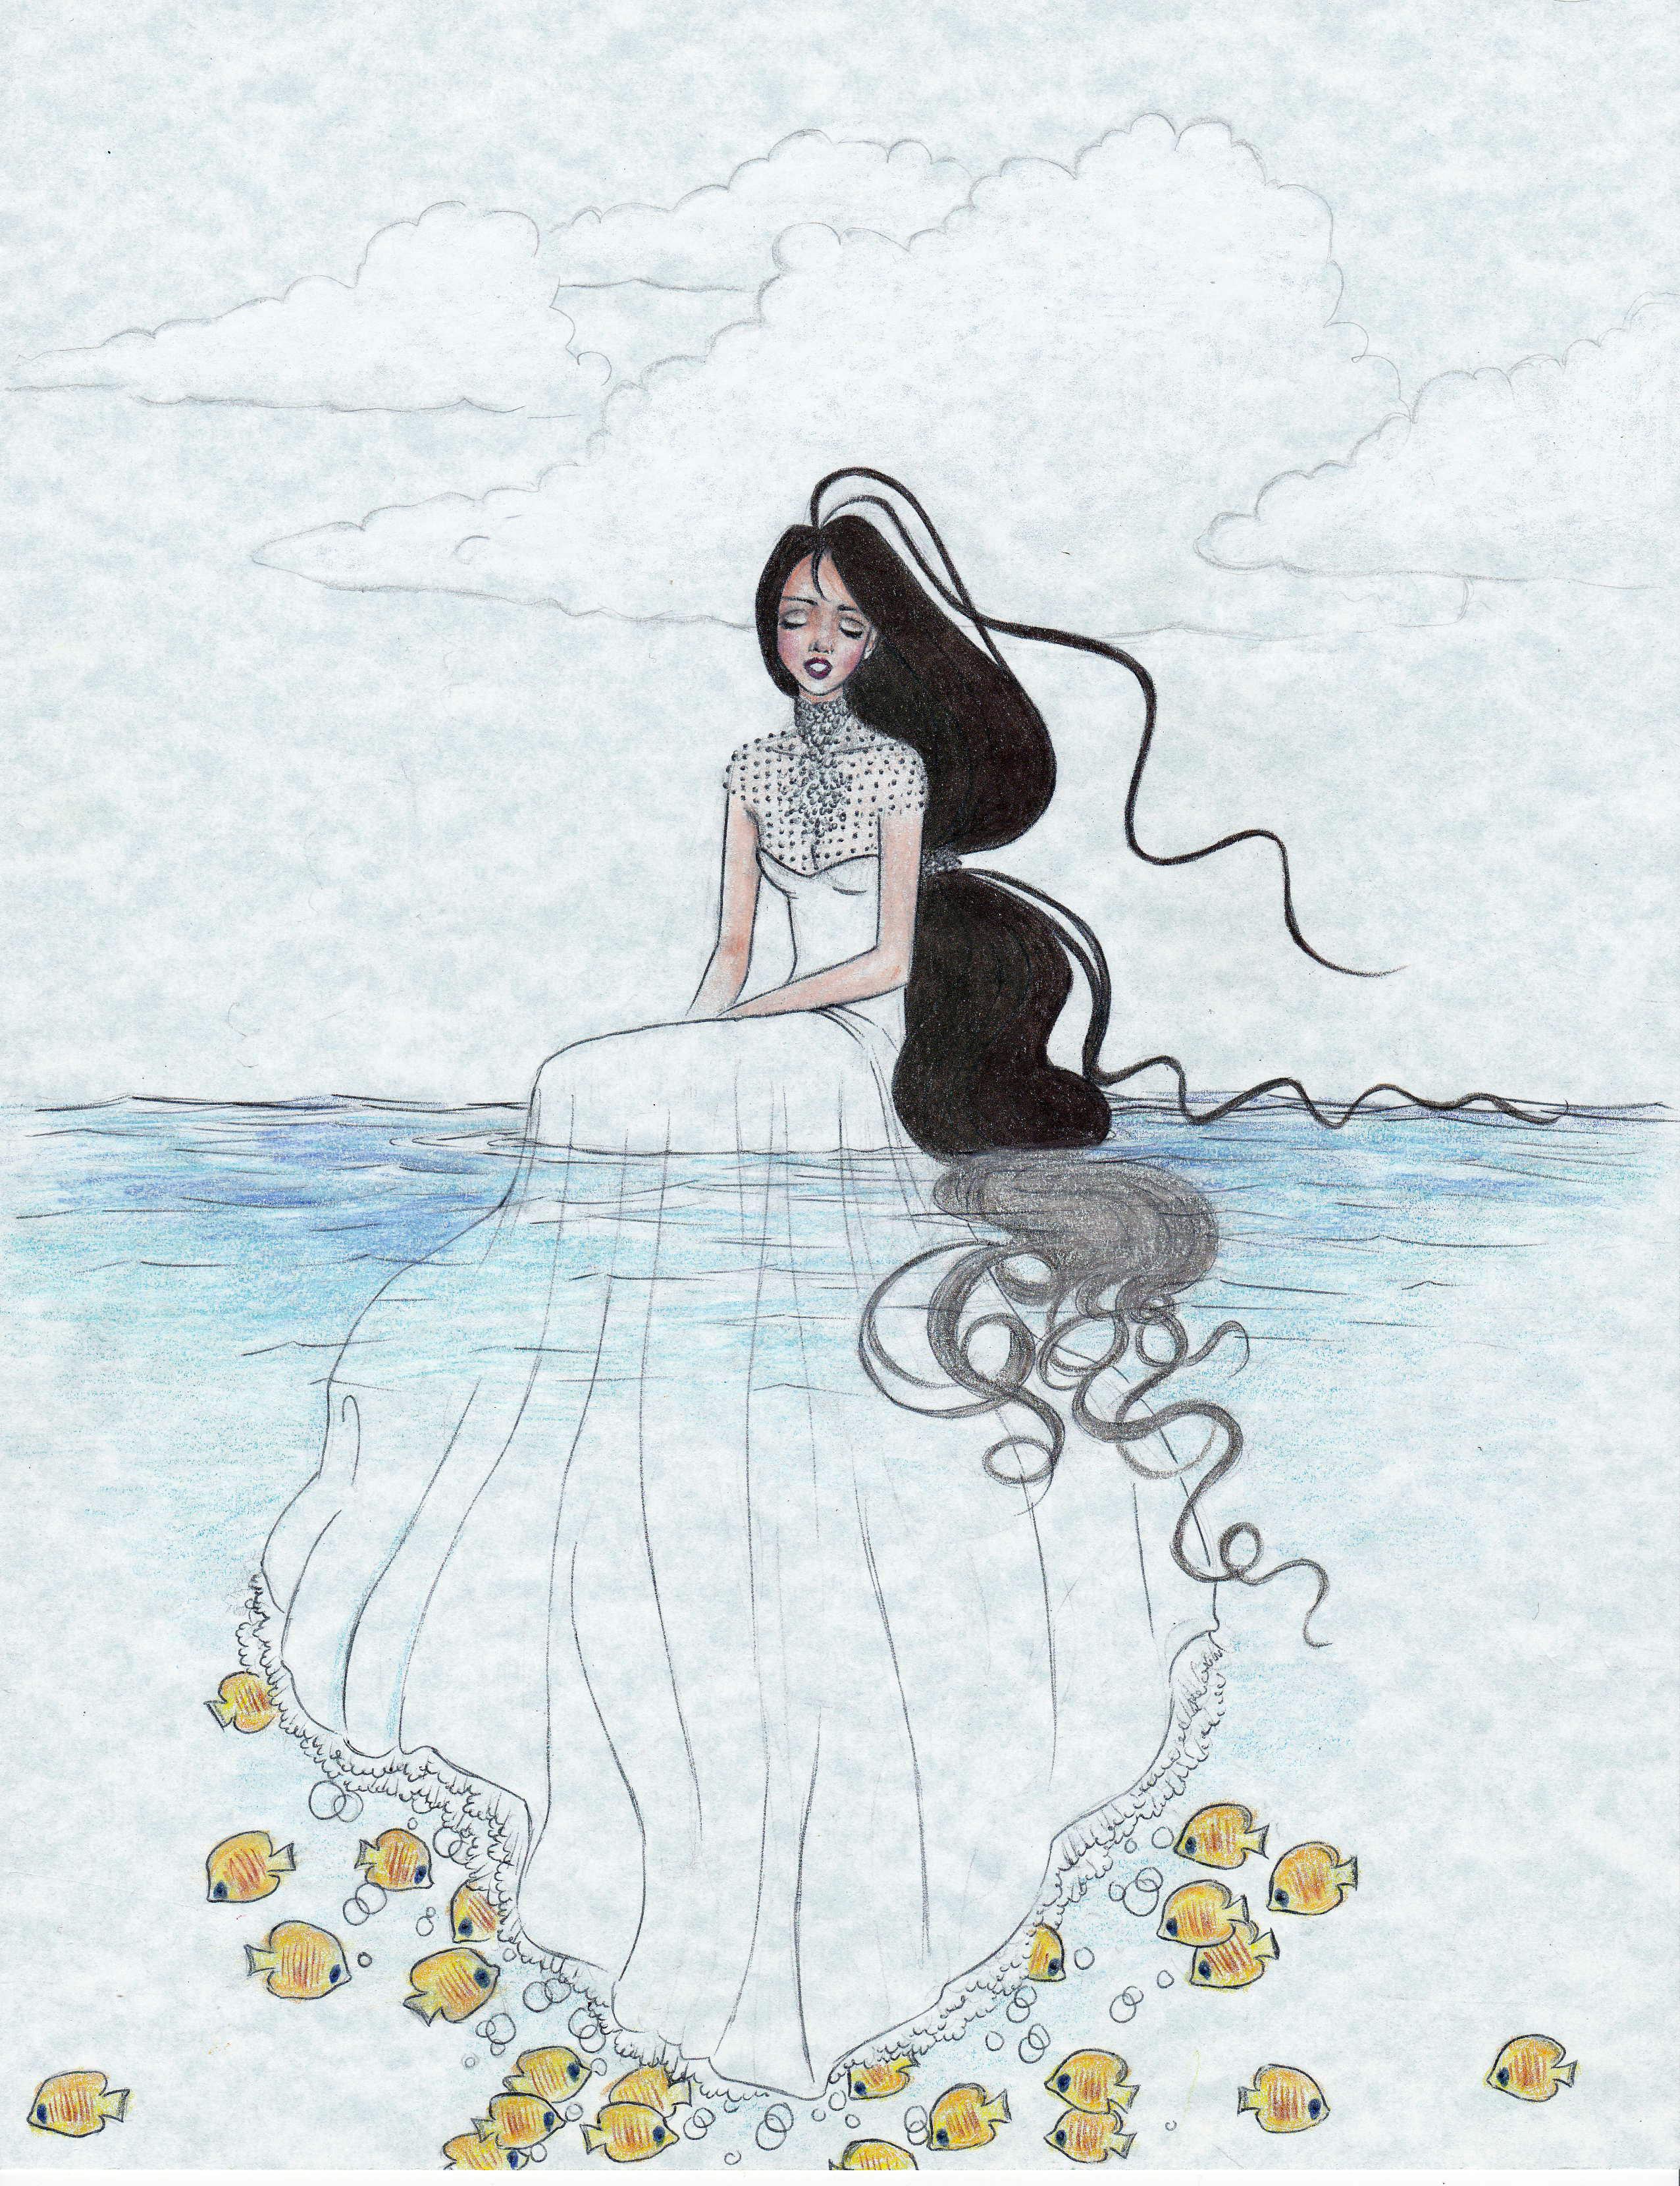 Singing in the Ocean